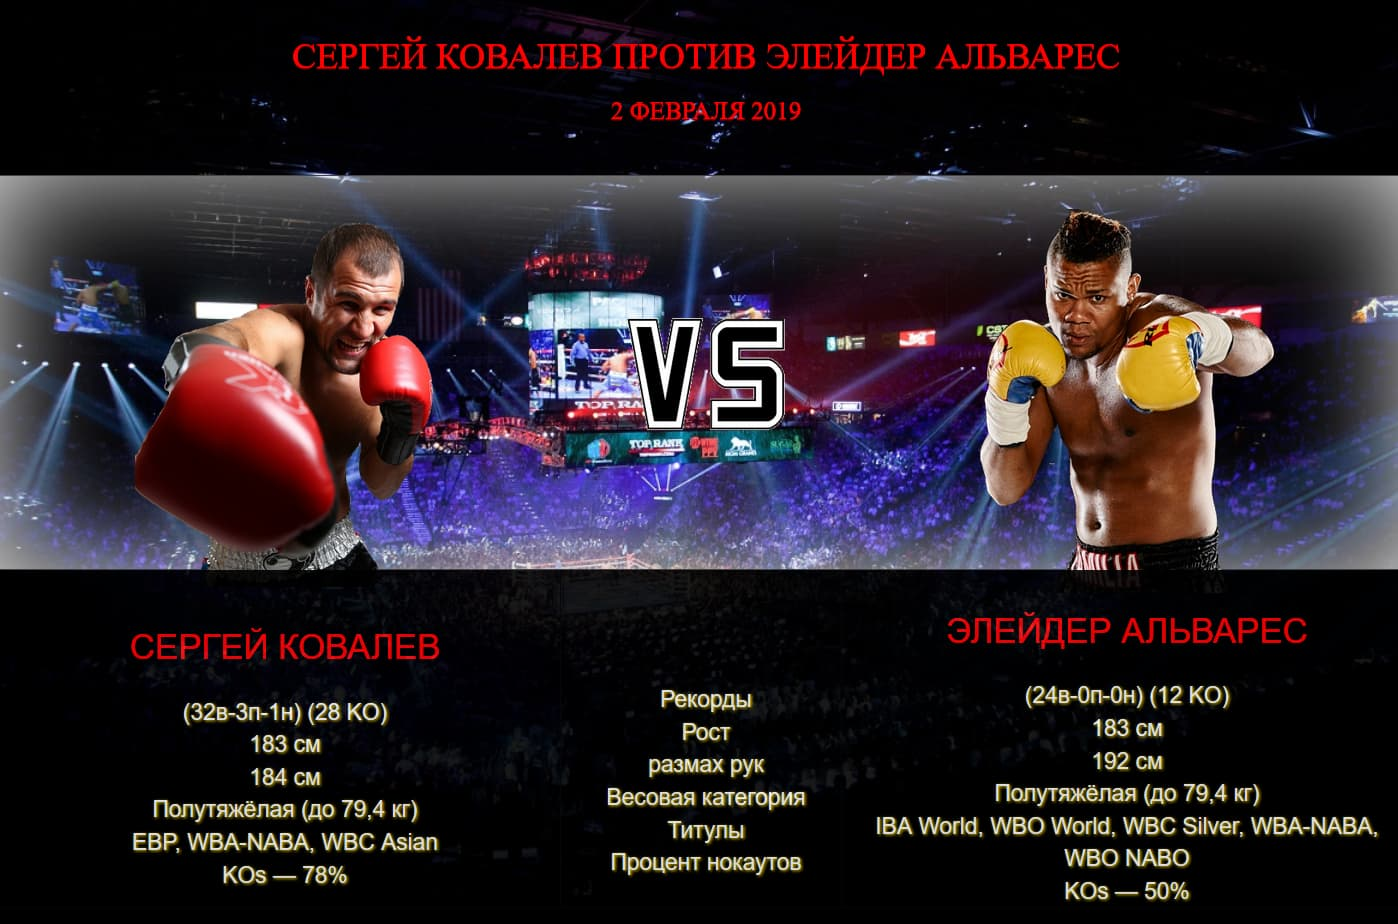 Афиша - бой Сергей Ковалев против Элейдер Альварес 2 - Реванш - Sergey Kovalev vs Eleider Alvarez 2